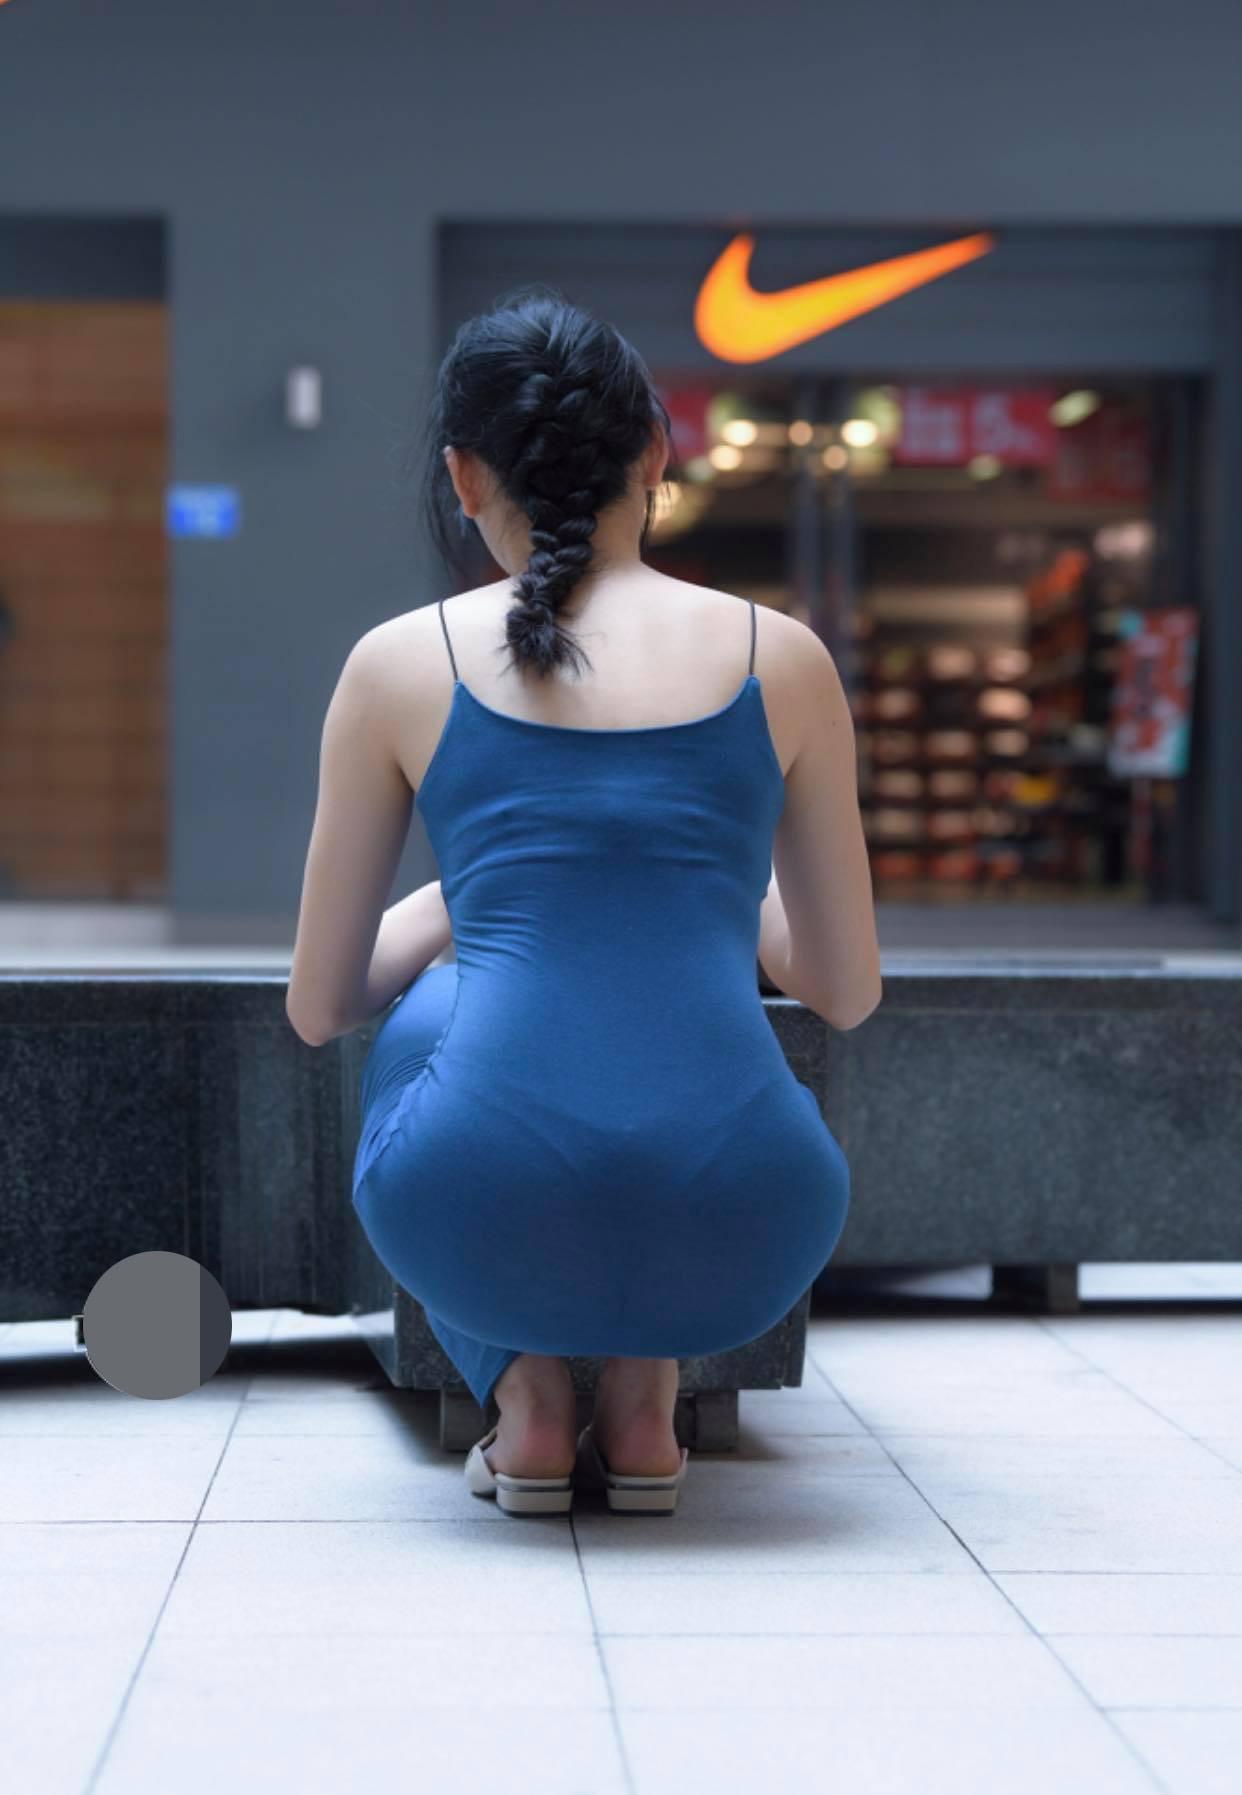 Kém duyên như chiếc váy hằn nội y khiến người xung quanh phải ngại ngùng thay - hình ảnh 1